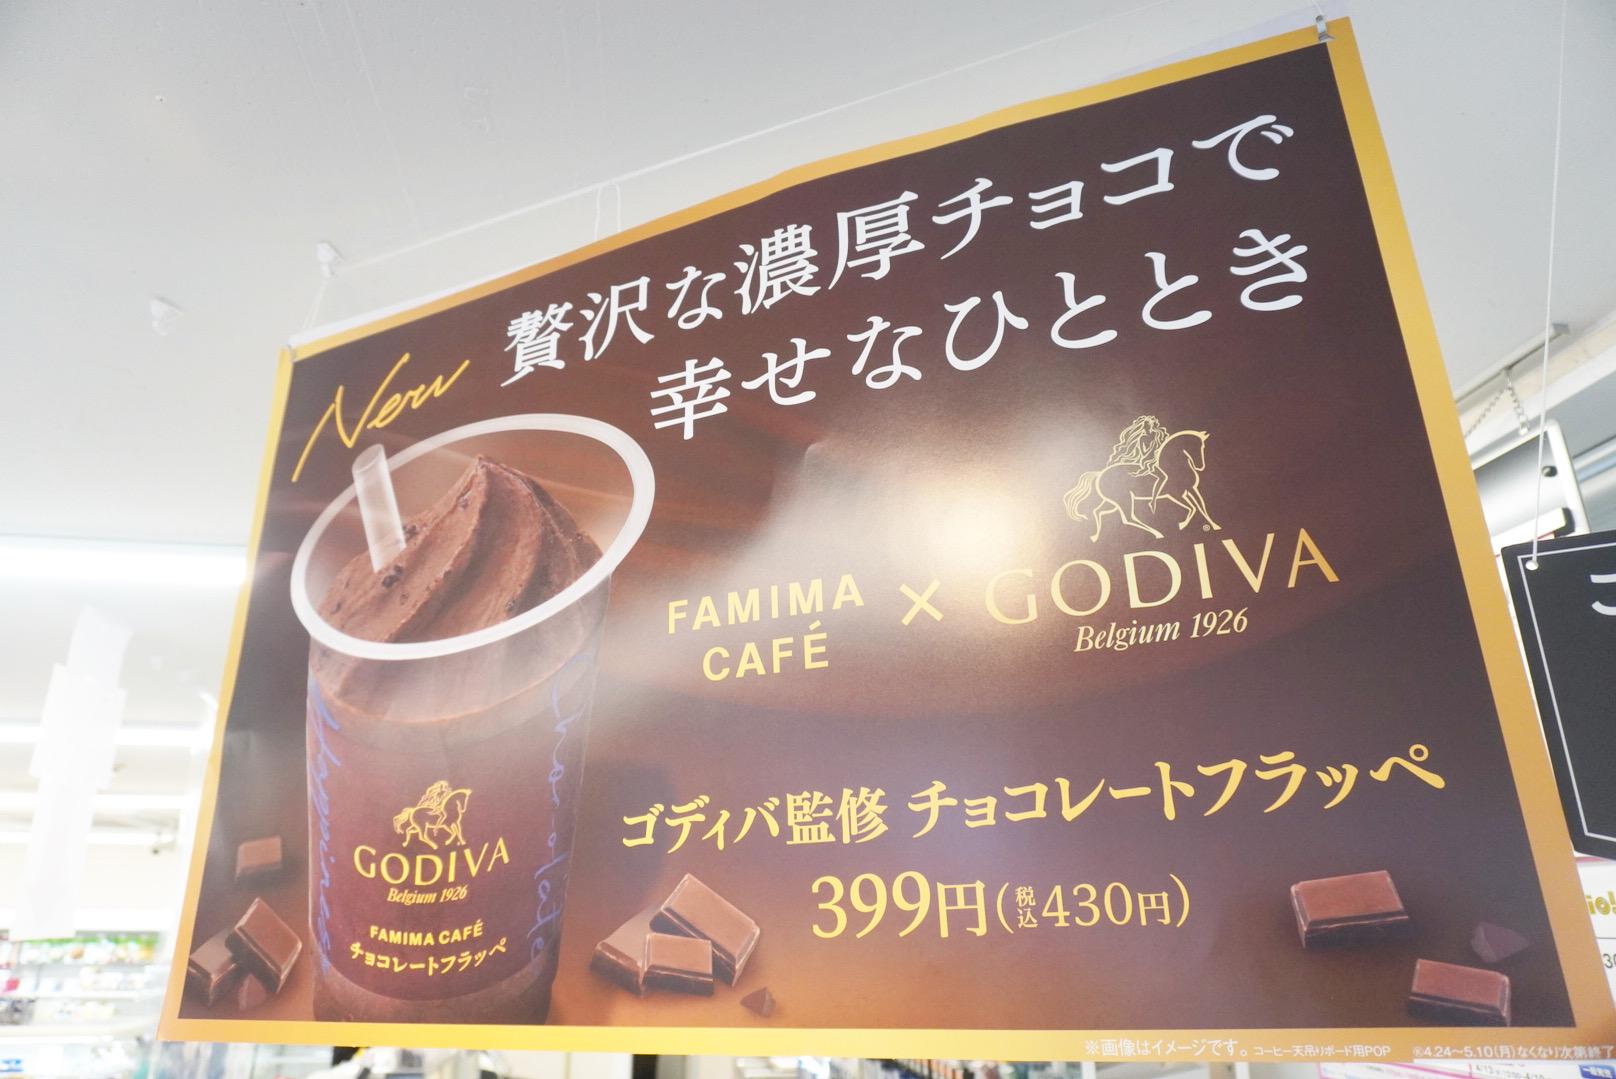 """【ファミマ×GODIVA】4/24新発売の""""チョコレートフラッペ"""" ❤︎_2"""